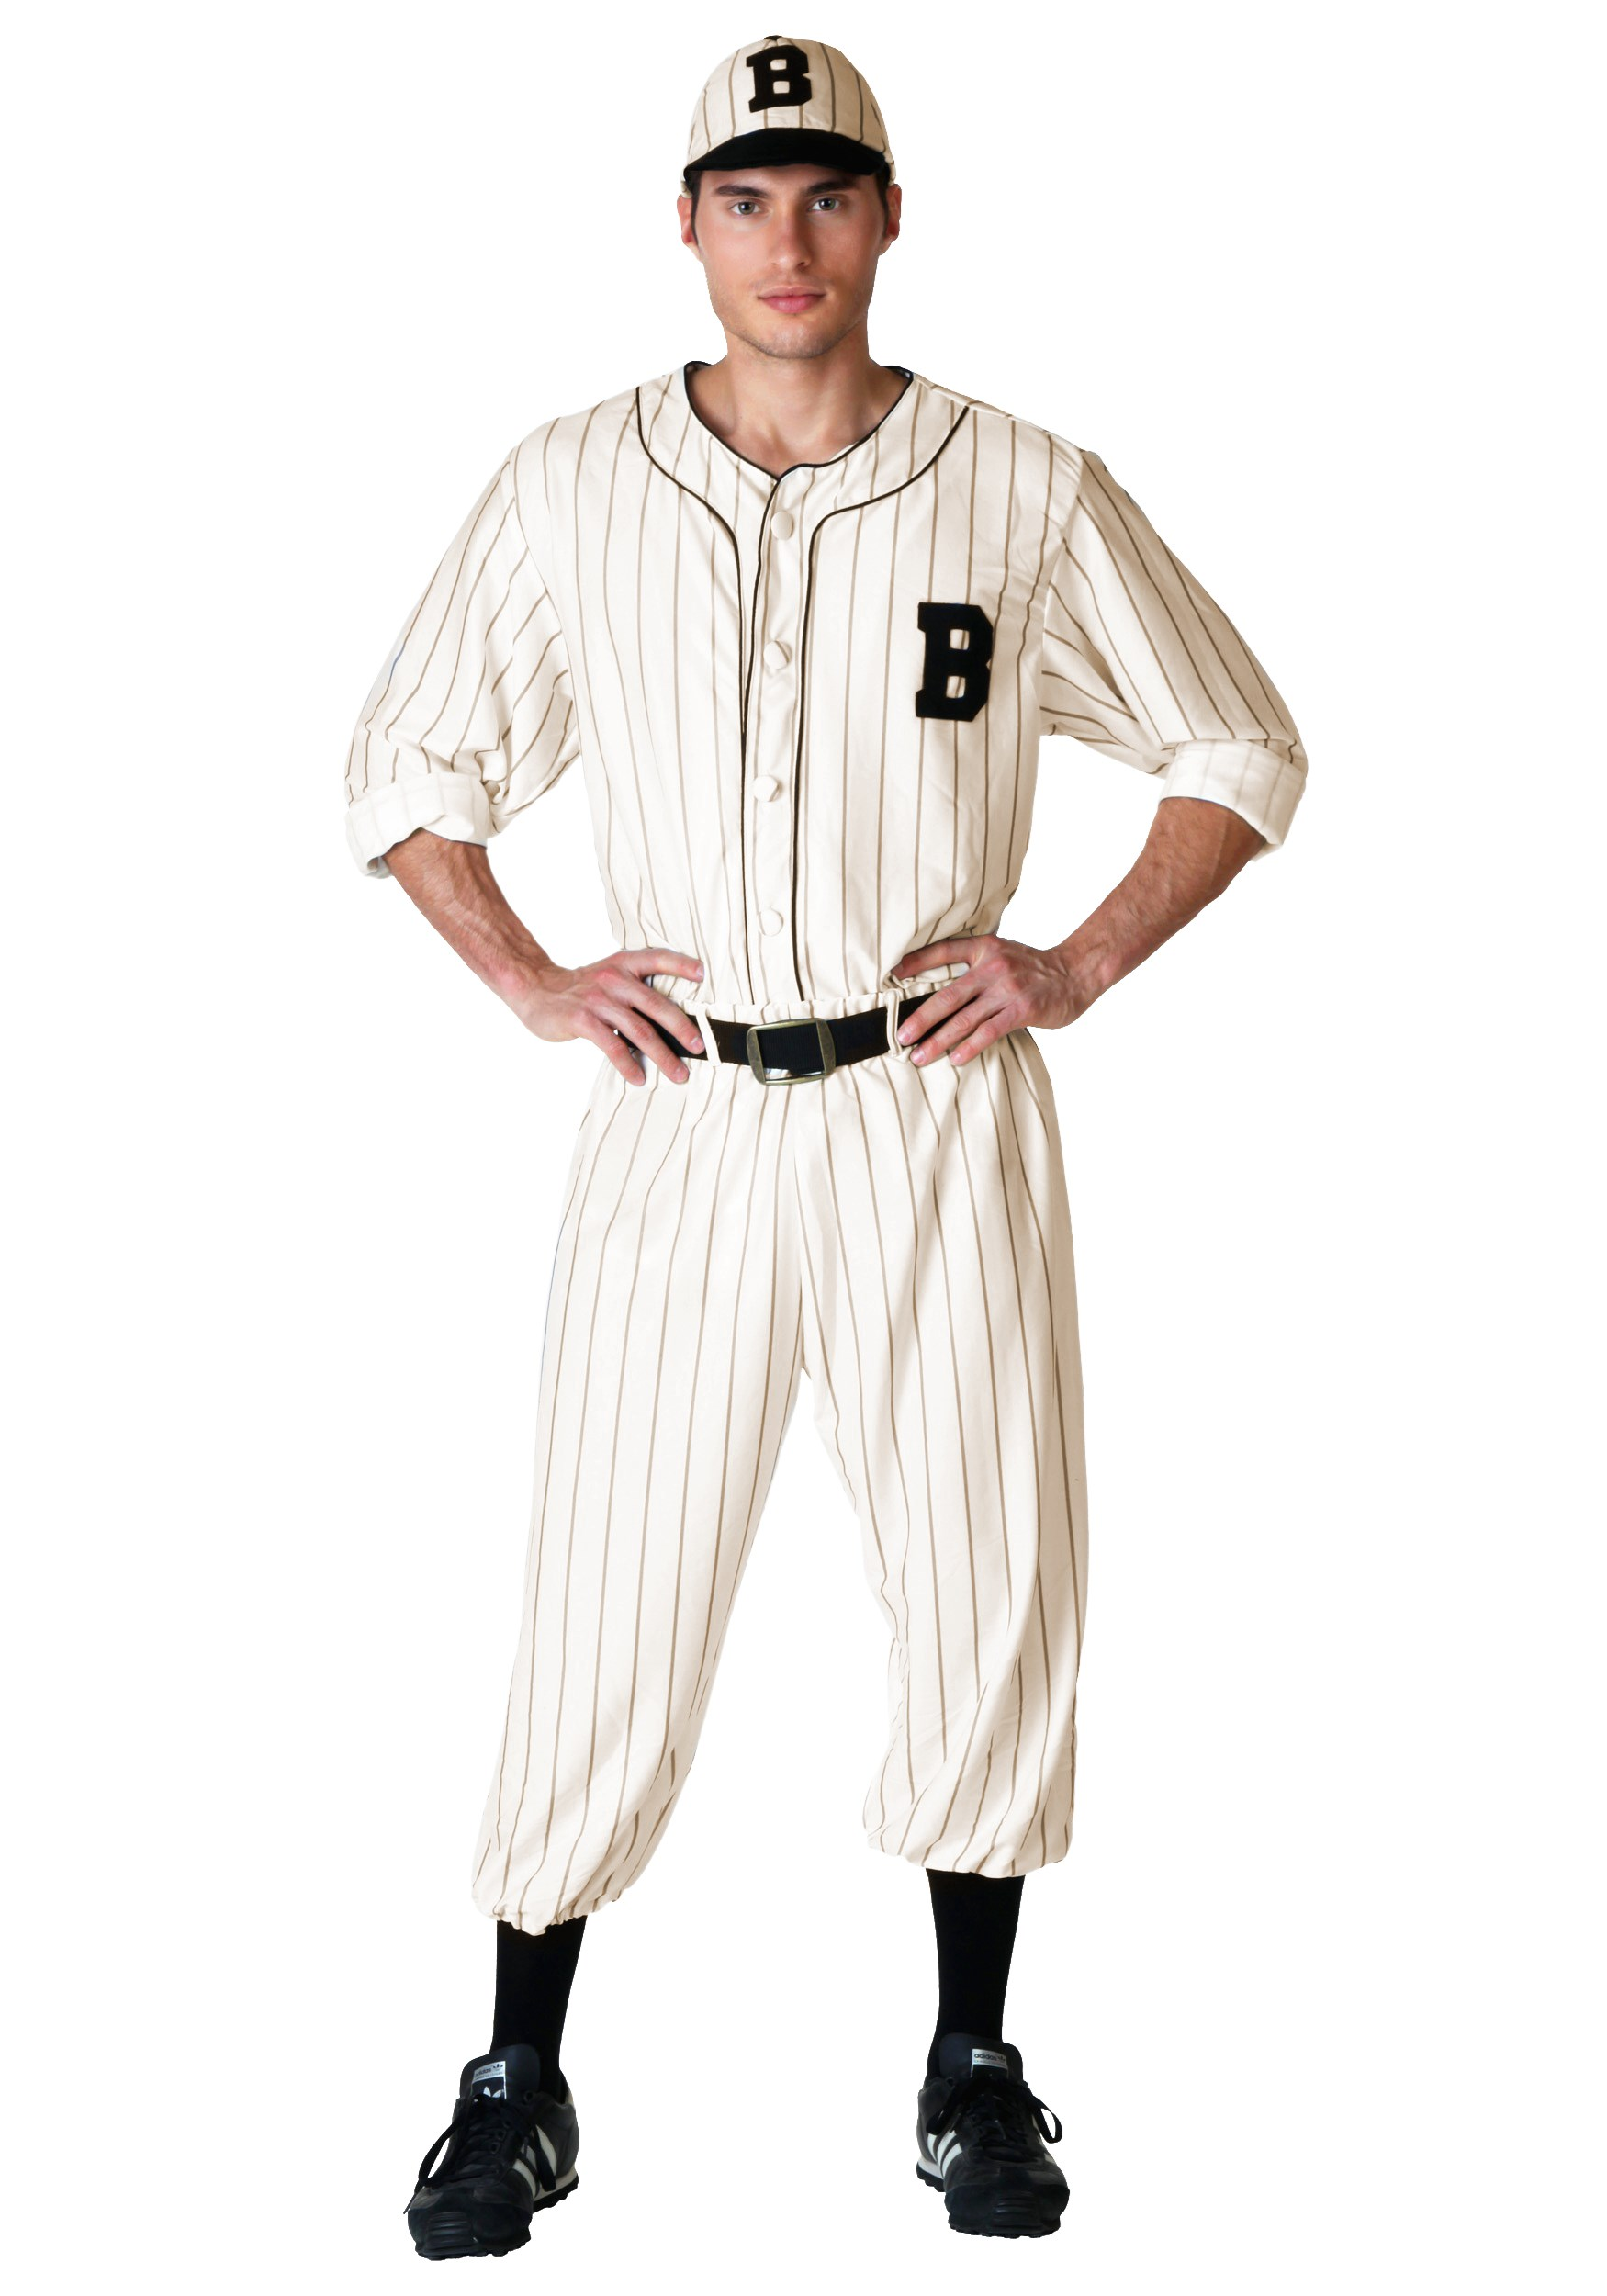 Vintage Baseball Costume for Men   Sport Halloween Costume